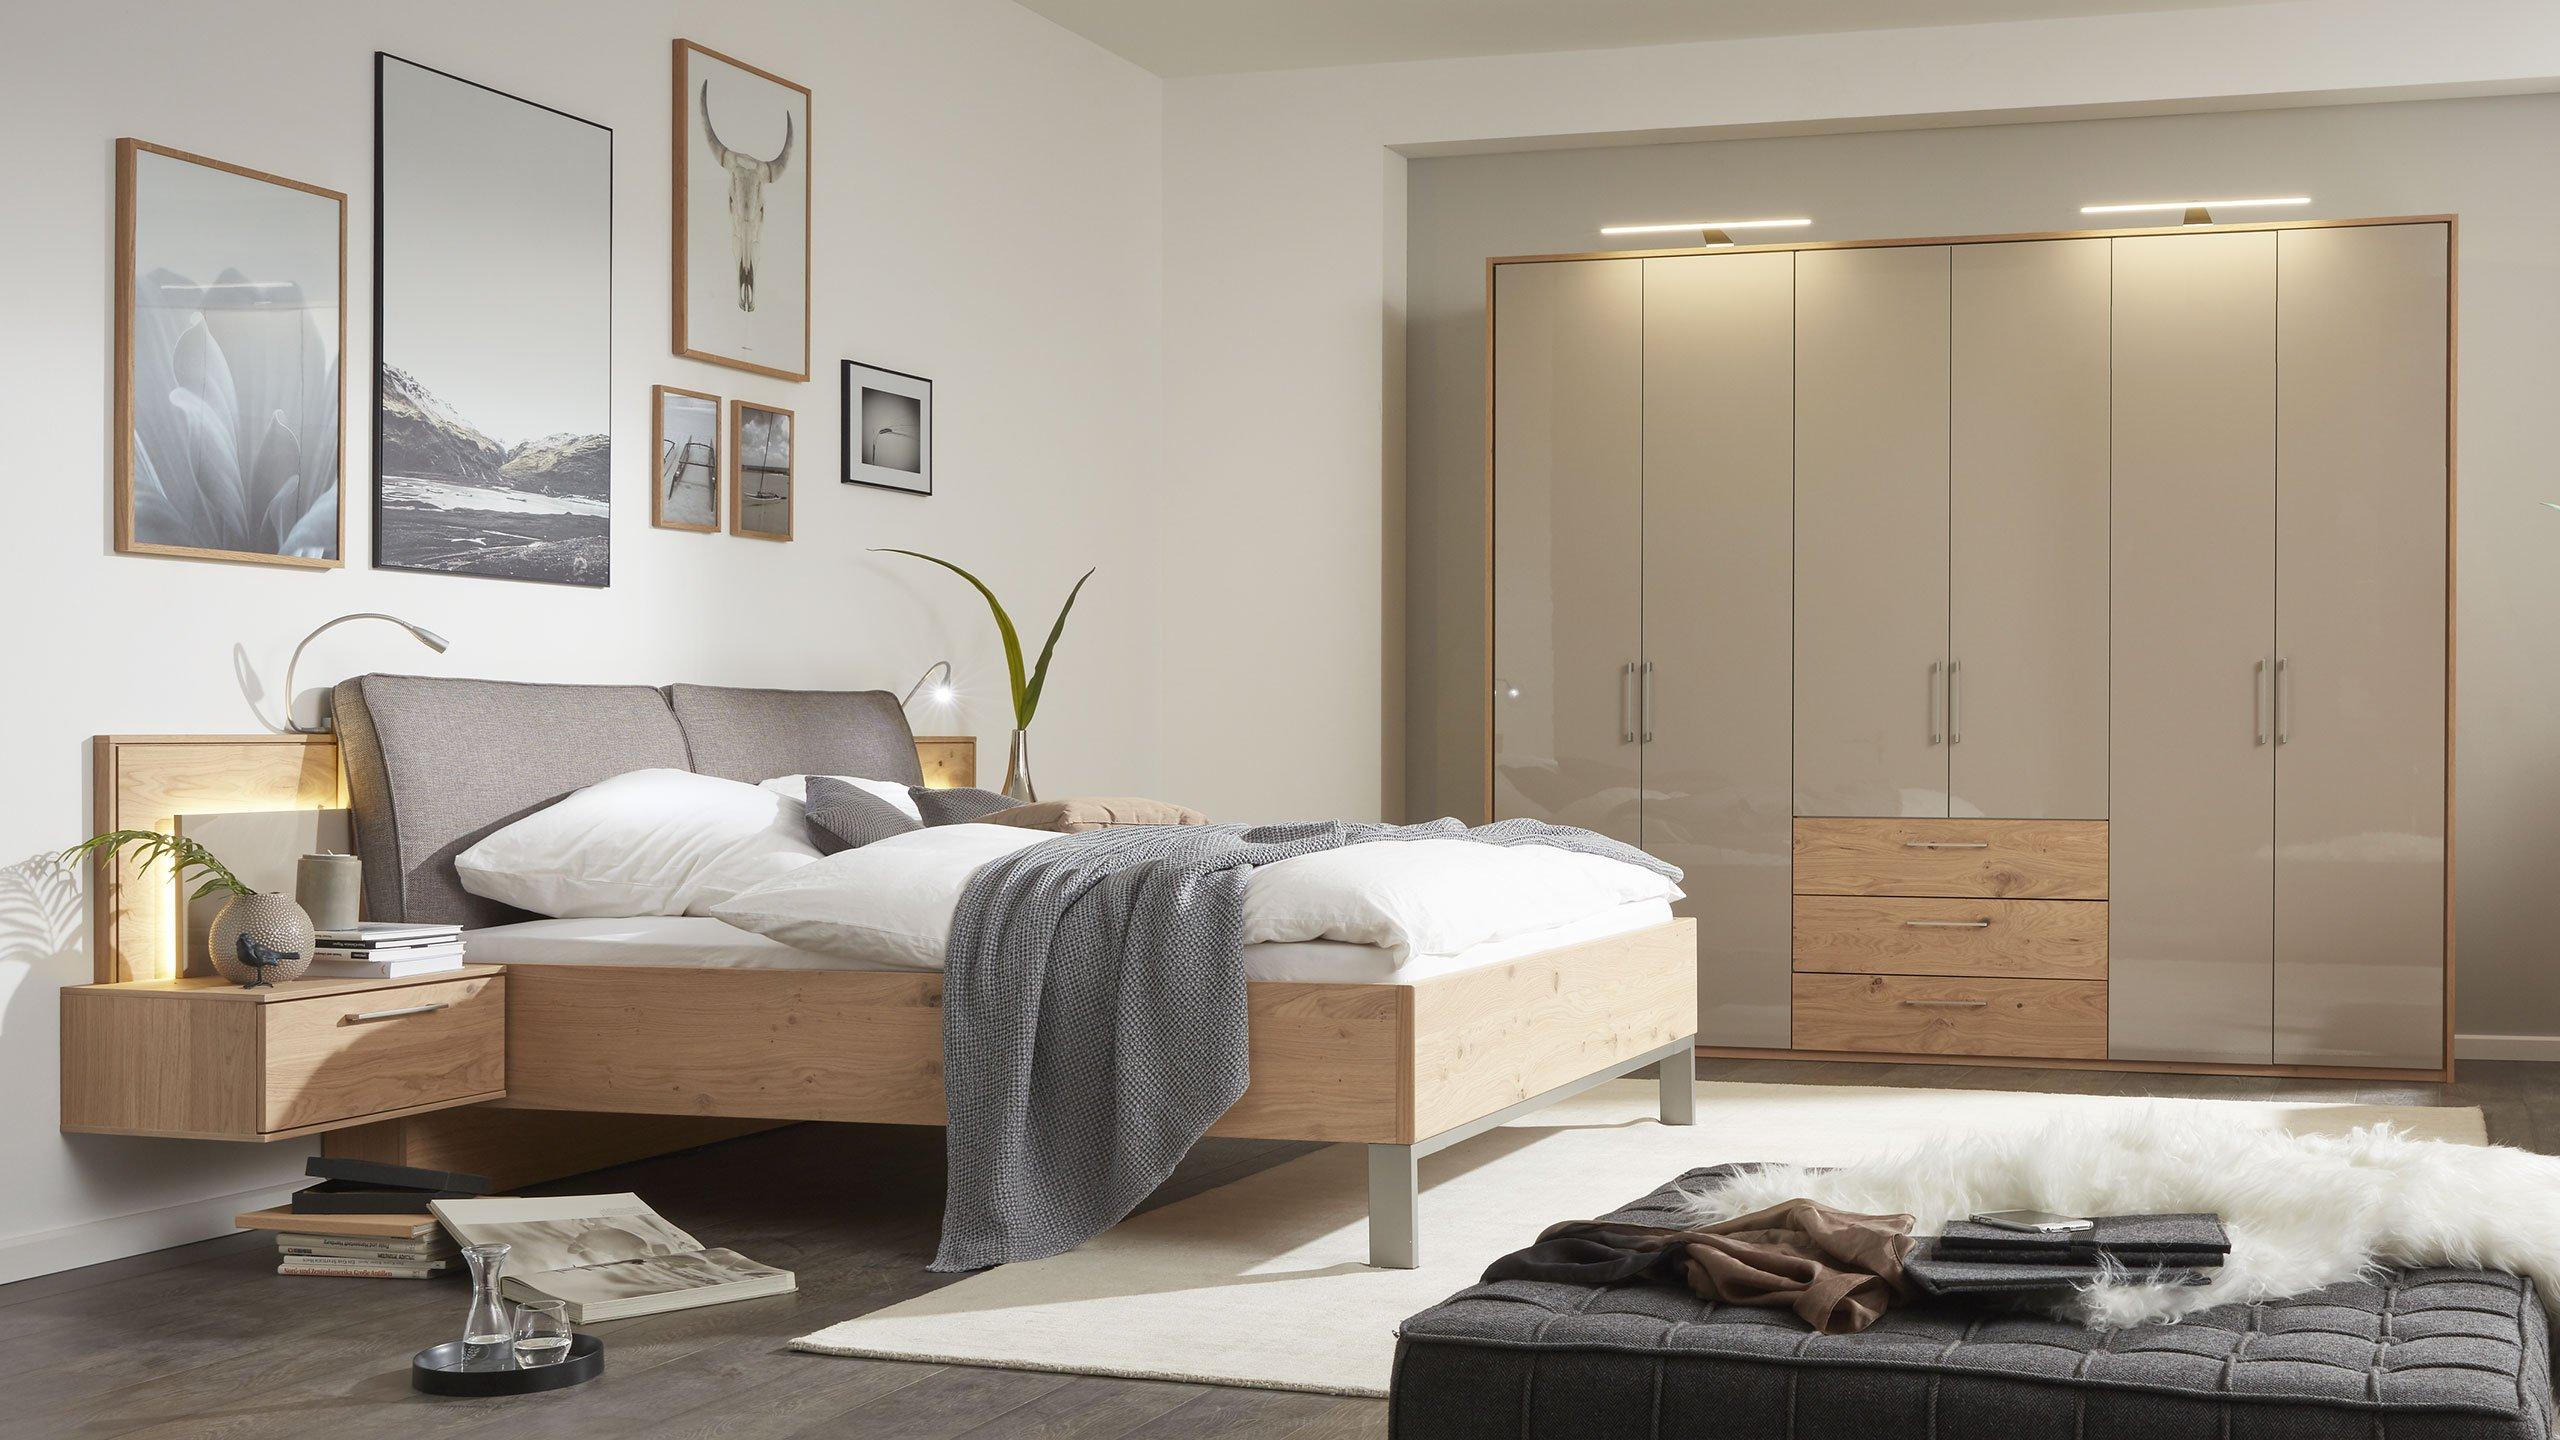 Ruhe oase im schlafzimmer interliving - Im schlafzimmer ...